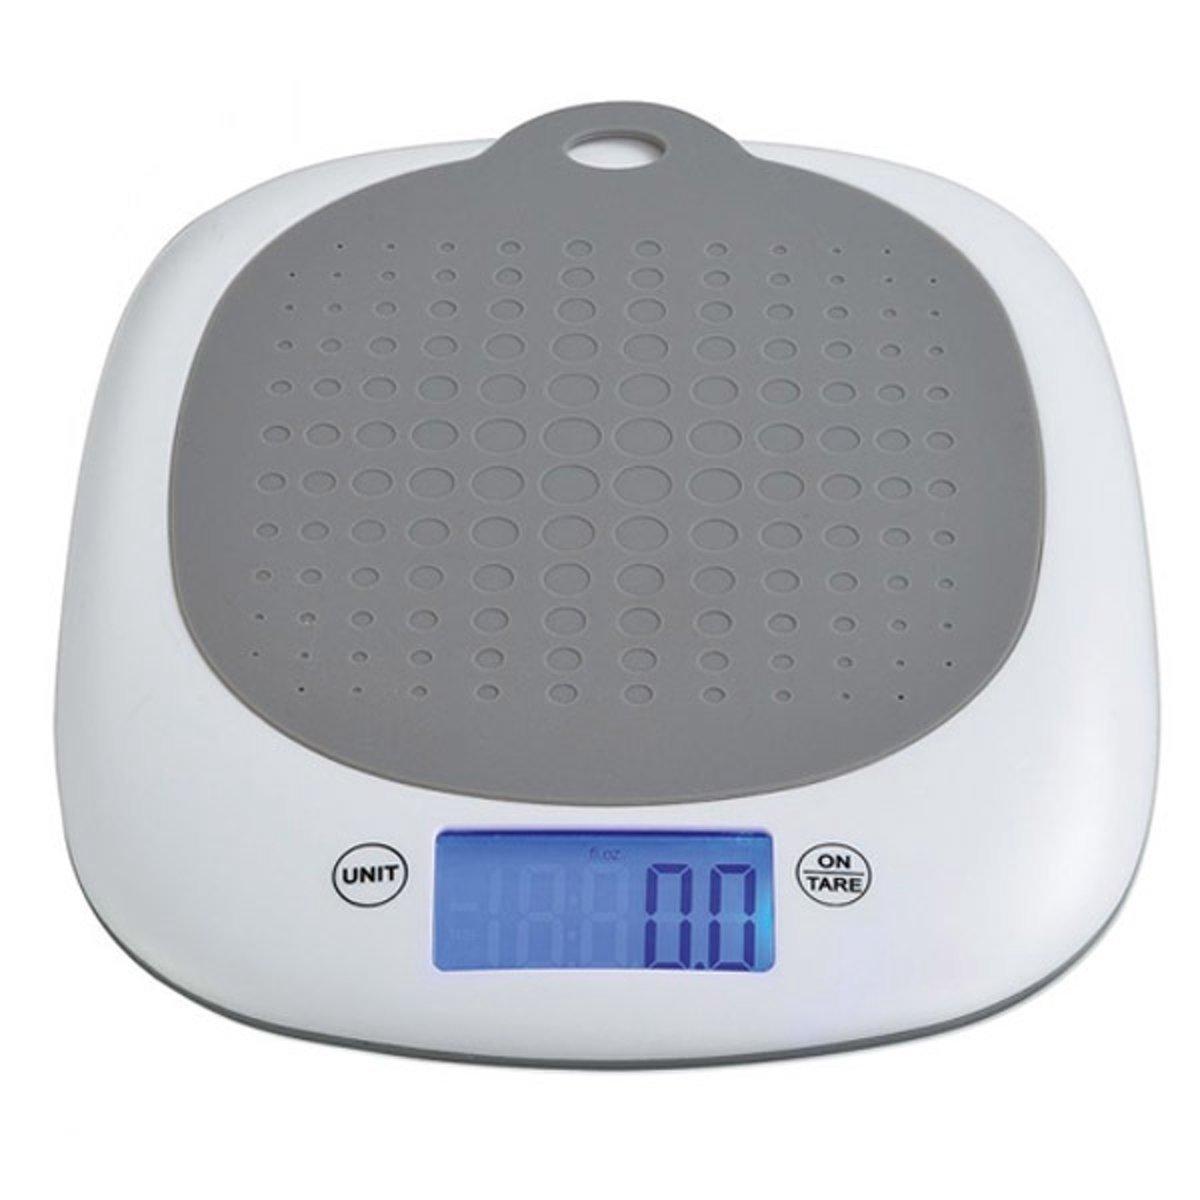 Circle digitale keukenweegschaal - Wit - 5 KG.